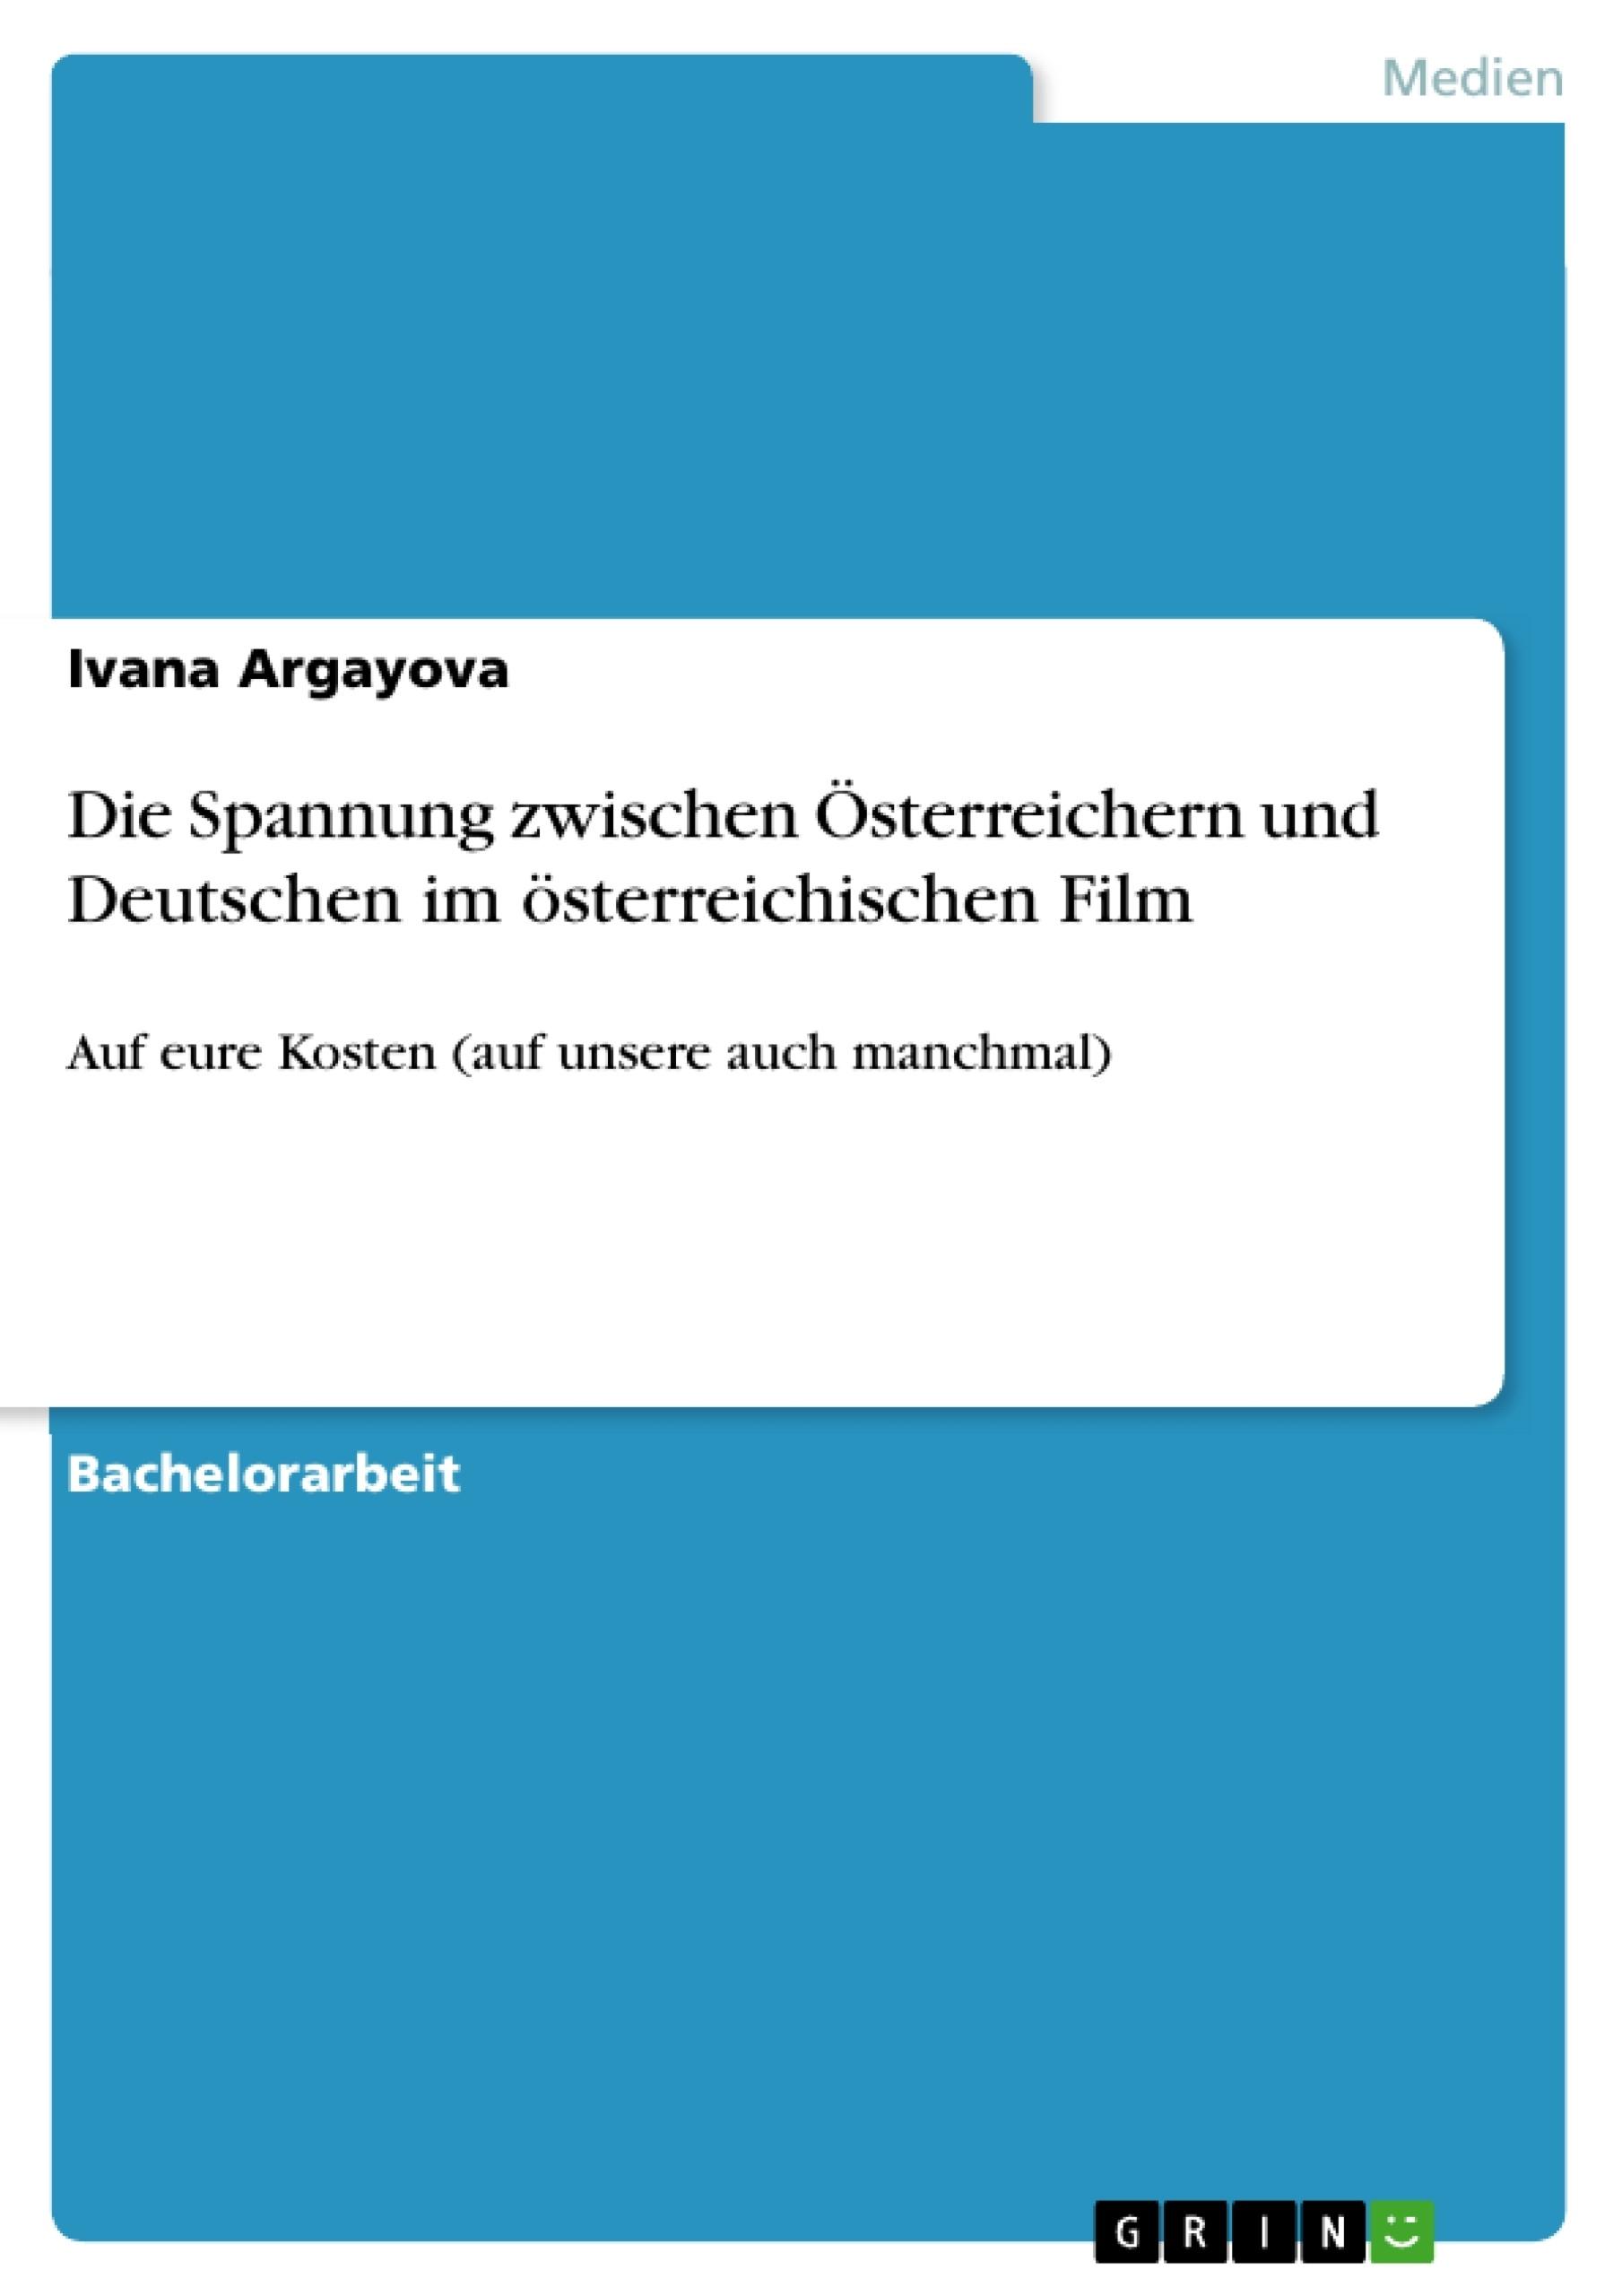 Titel: Die Spannung zwischen Österreichern und Deutschen im österreichischen Film